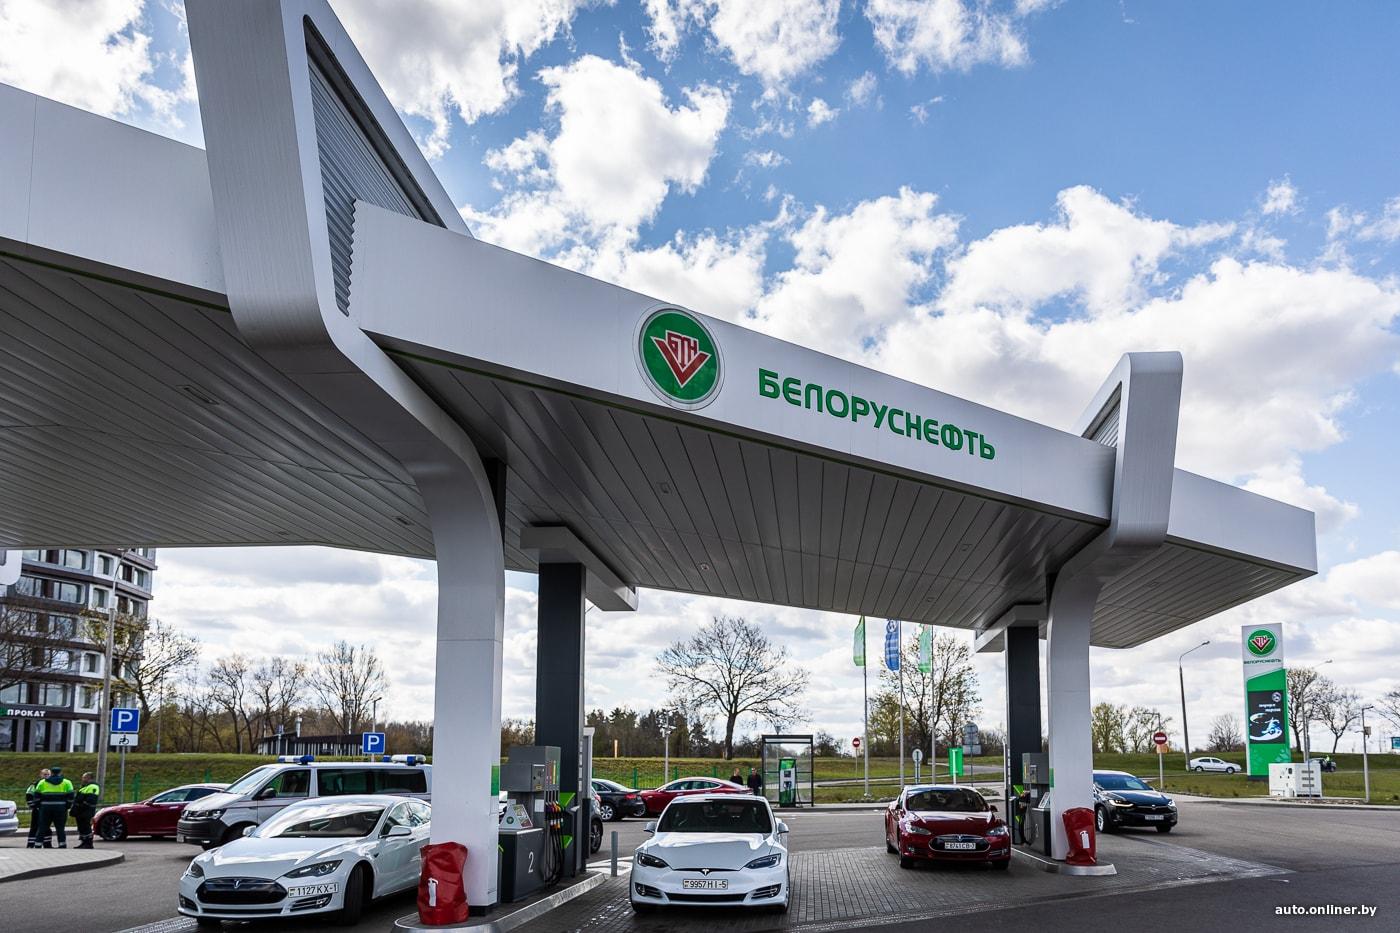 Минск: электромобили создали очередь на АЗС в качестве протеста